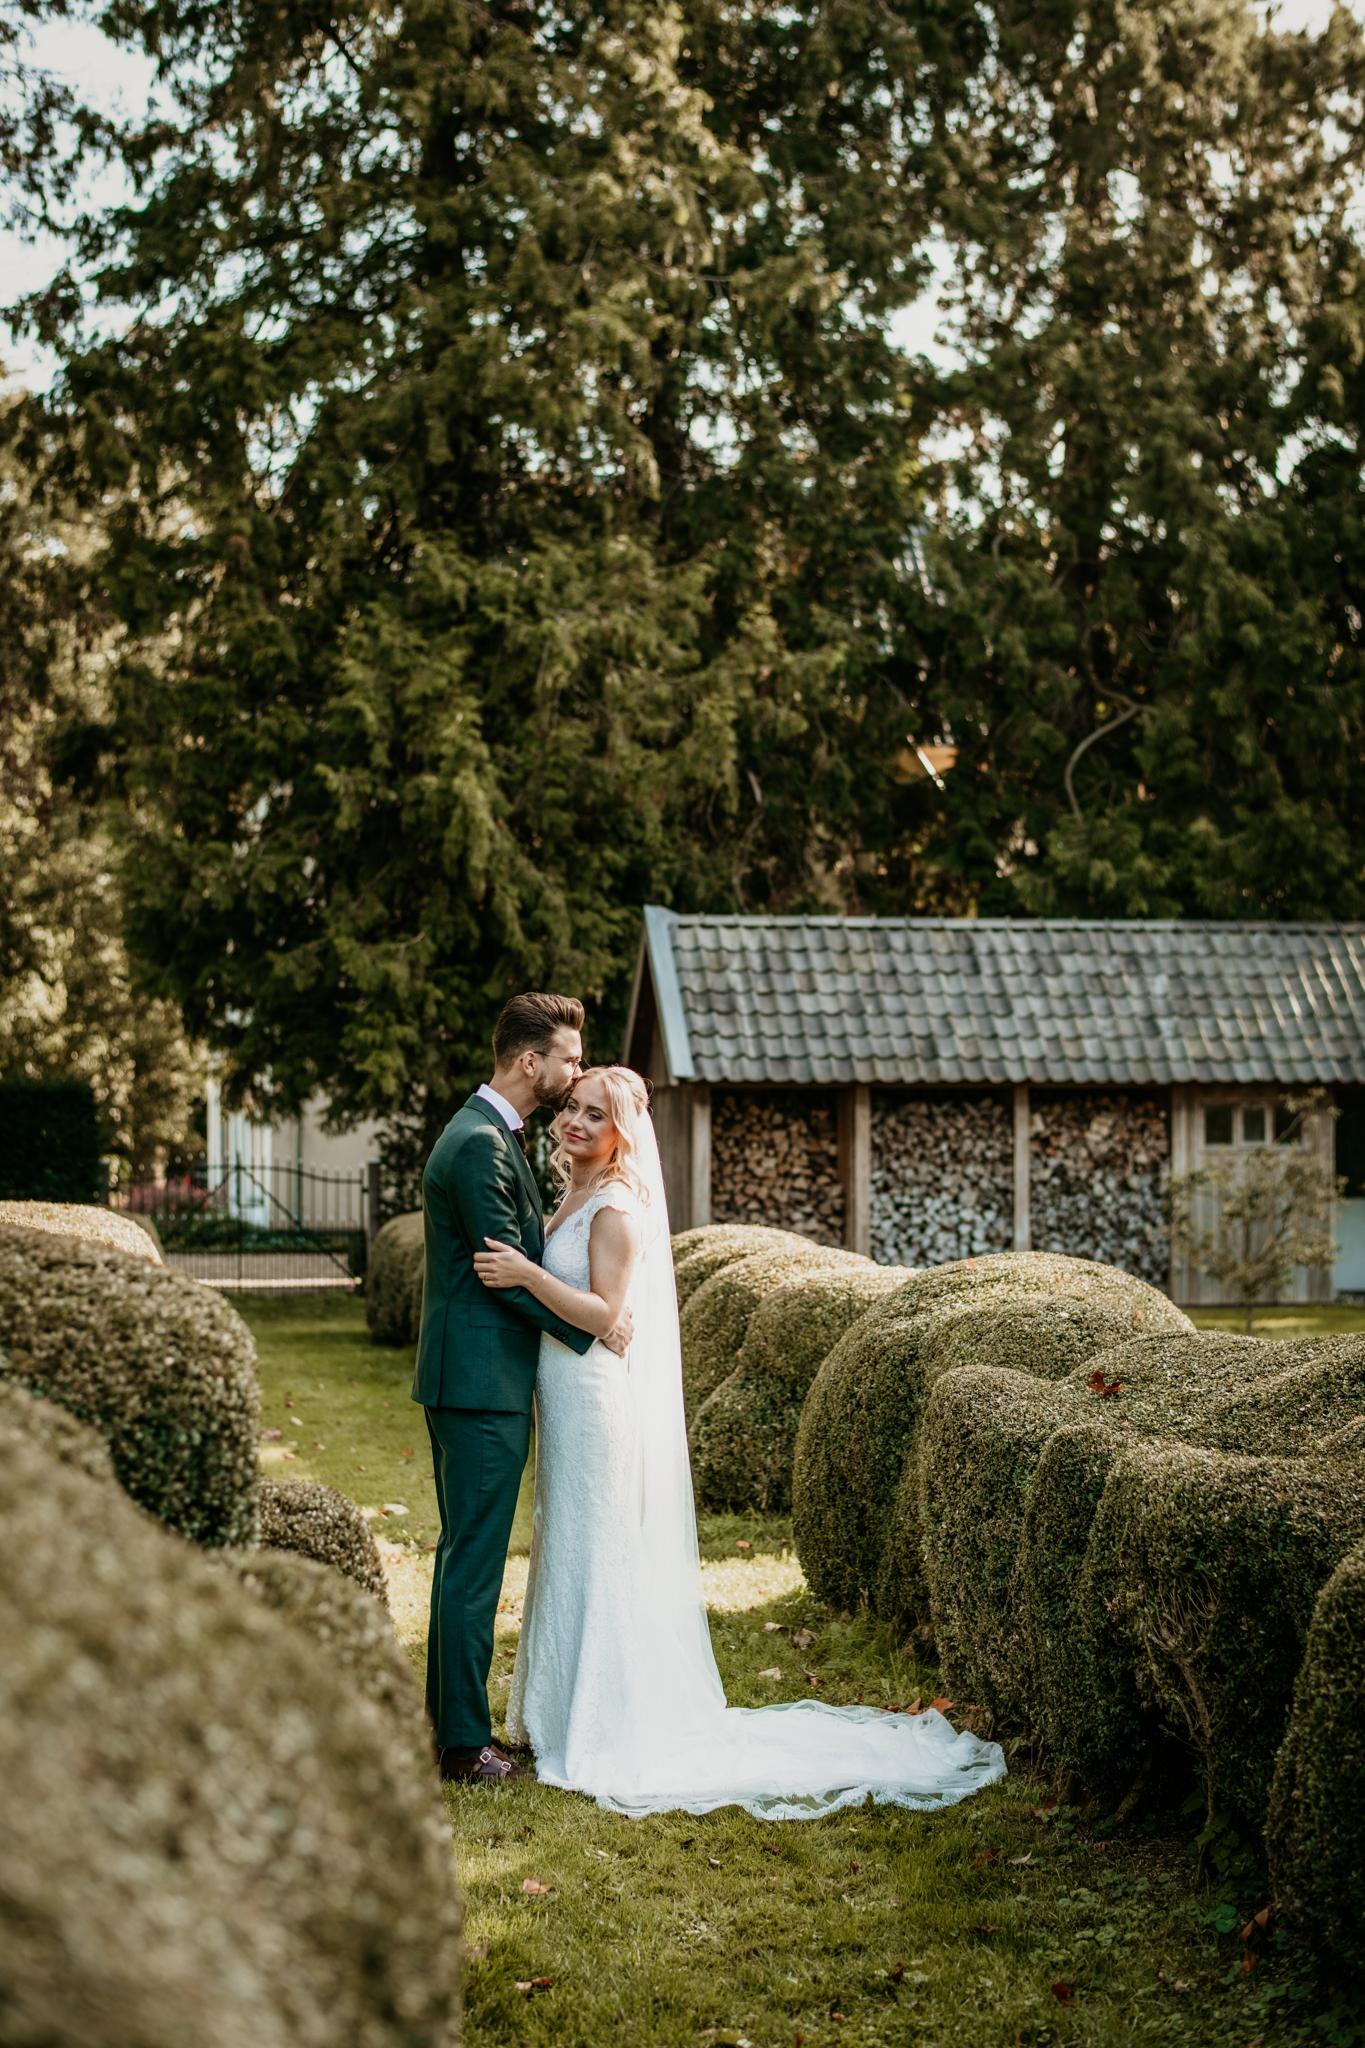 Romantische zomerbruiloft Nunspeet Zwolle